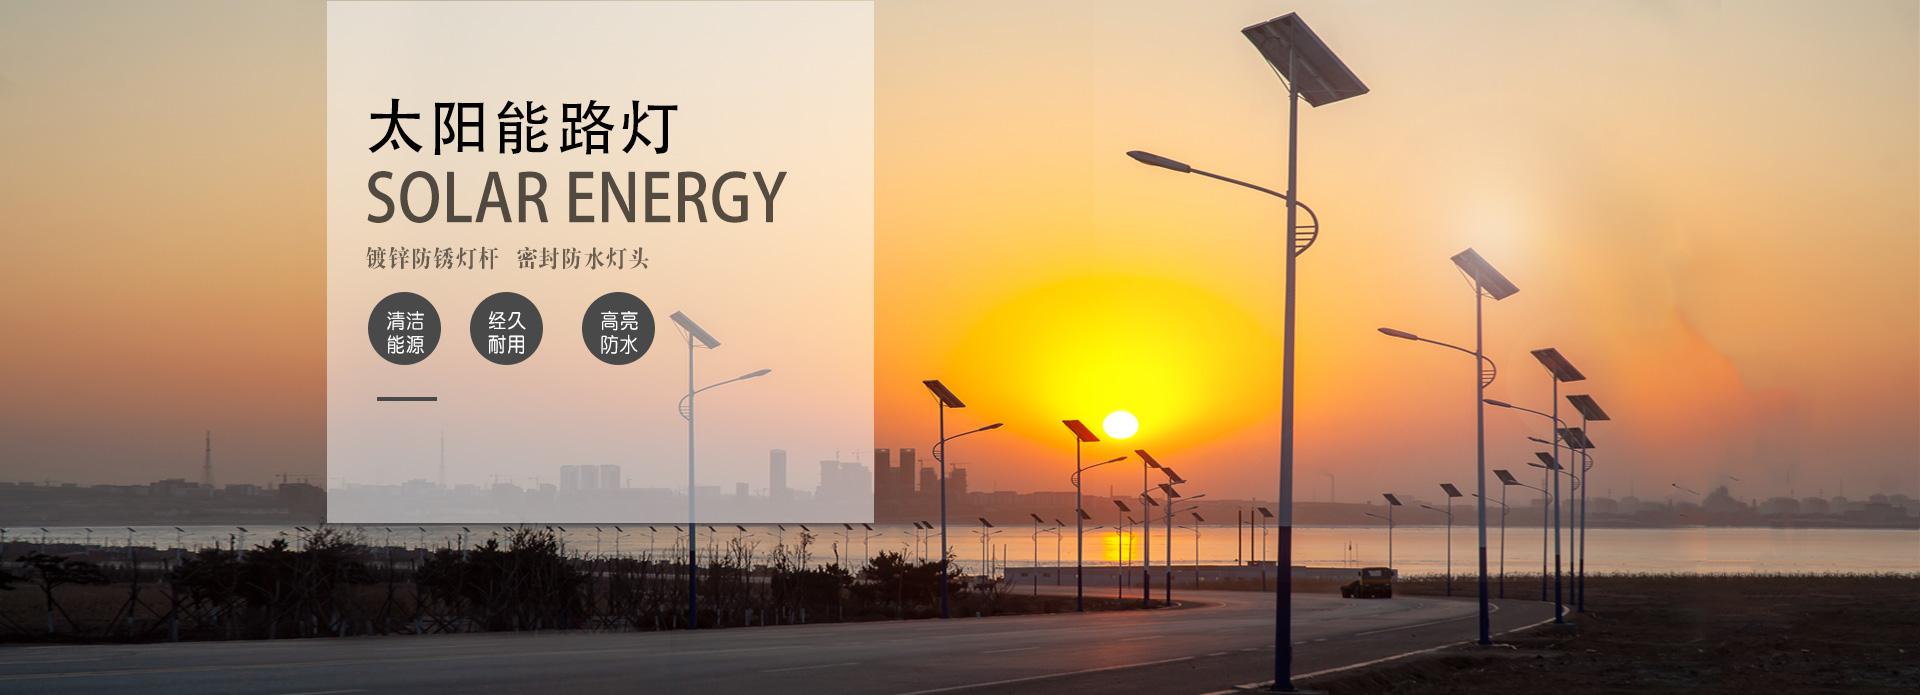 重庆太阳能电池板厂家,重庆太阳能发电系统厂家,重庆云顶集团4008厂家,重庆太阳能监控厂家,重庆市电路灯厂家